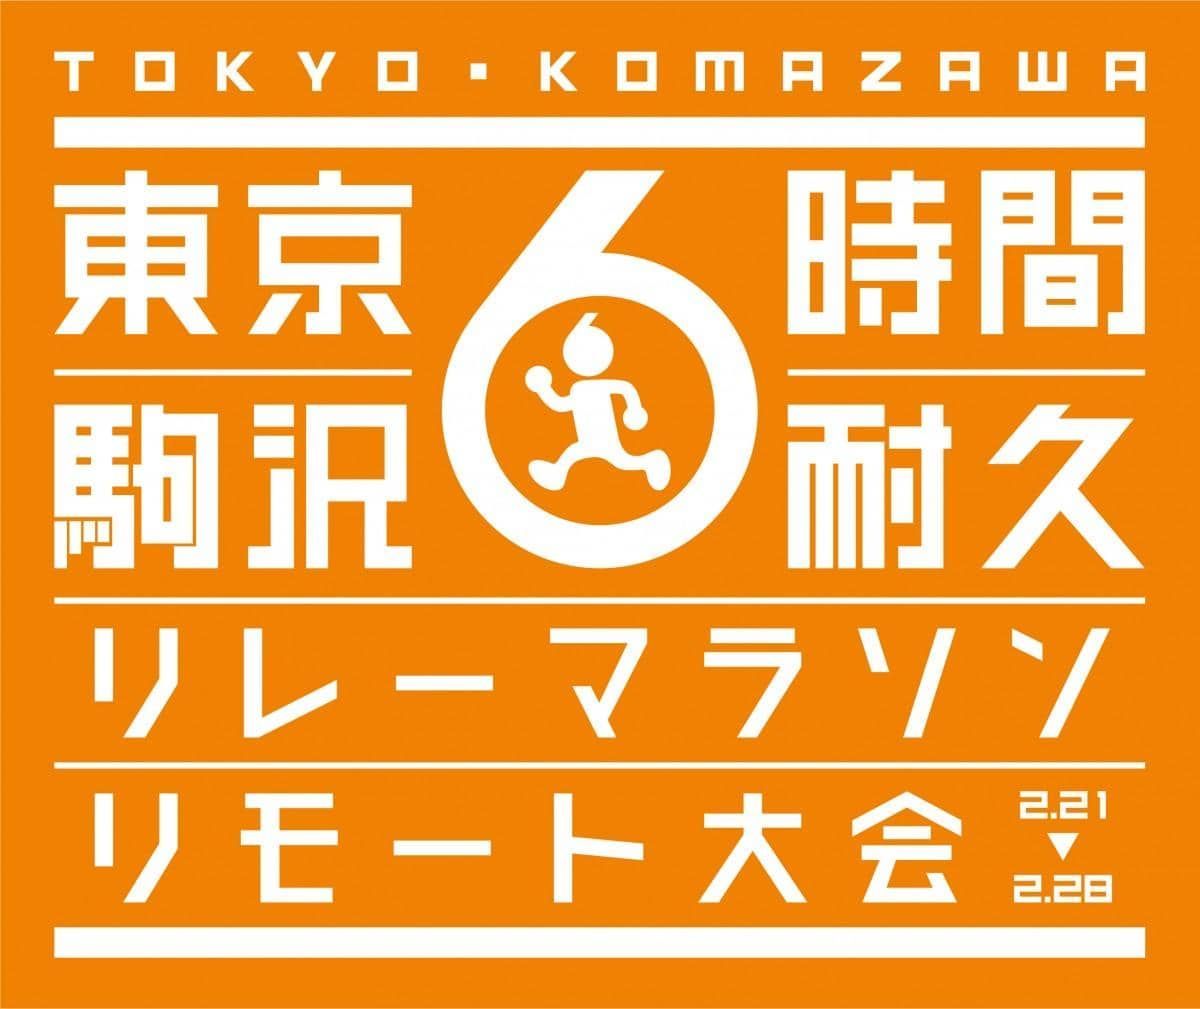 「駒沢6時間耐久リレーマラソン リモート大会」のキービジュアル